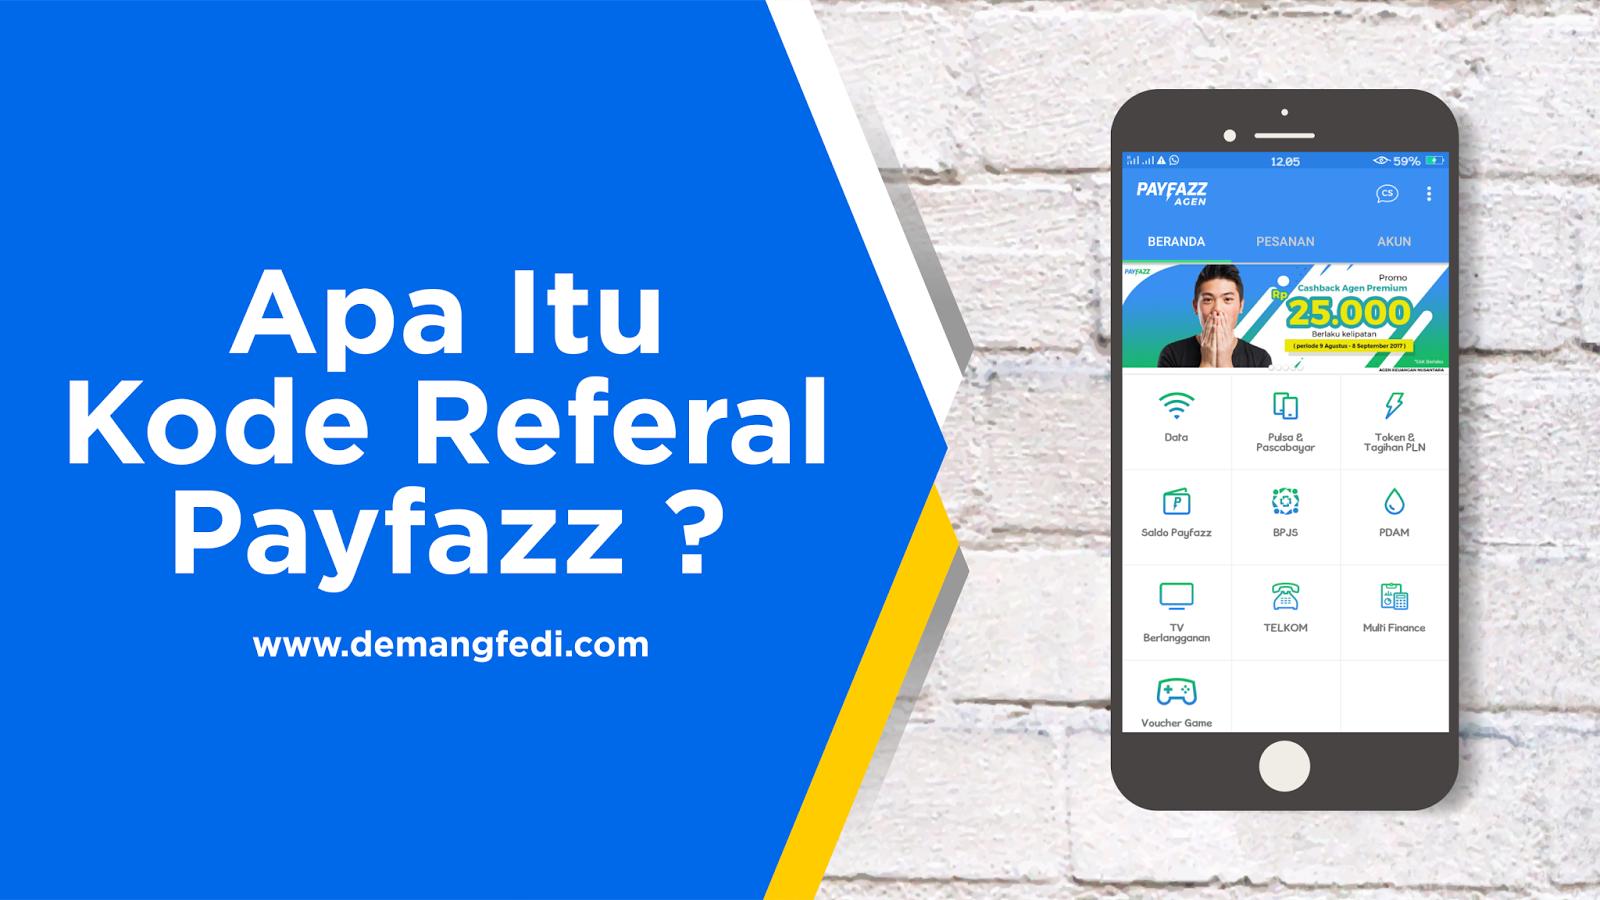 Apa Itu Kode Referal Payfazz ?